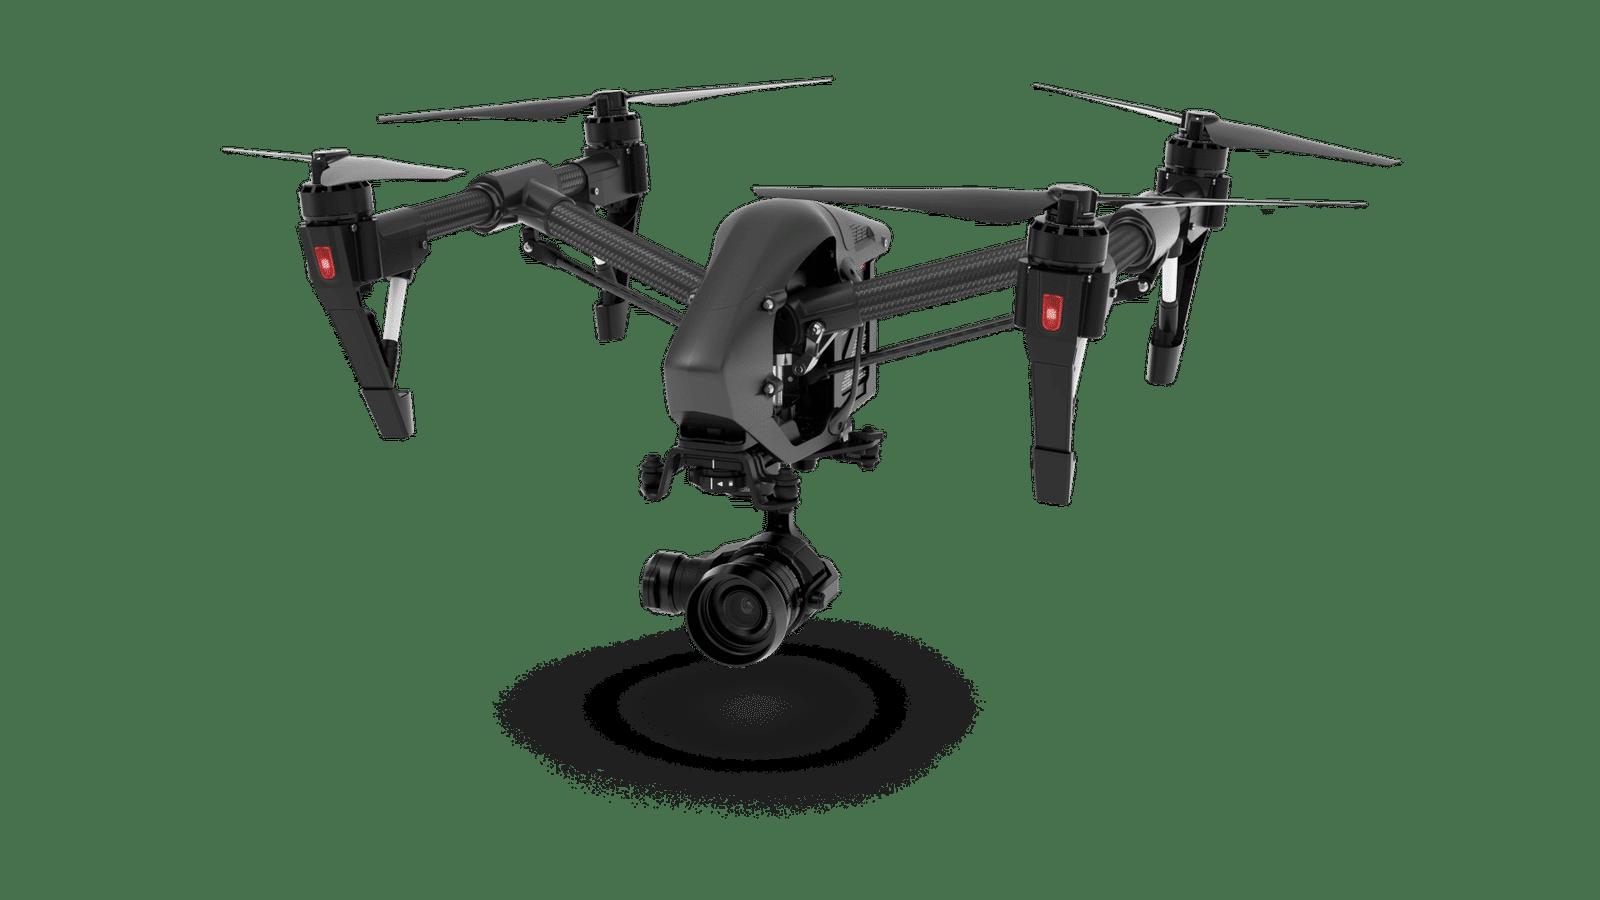 TIENDA DE DRONES DJI